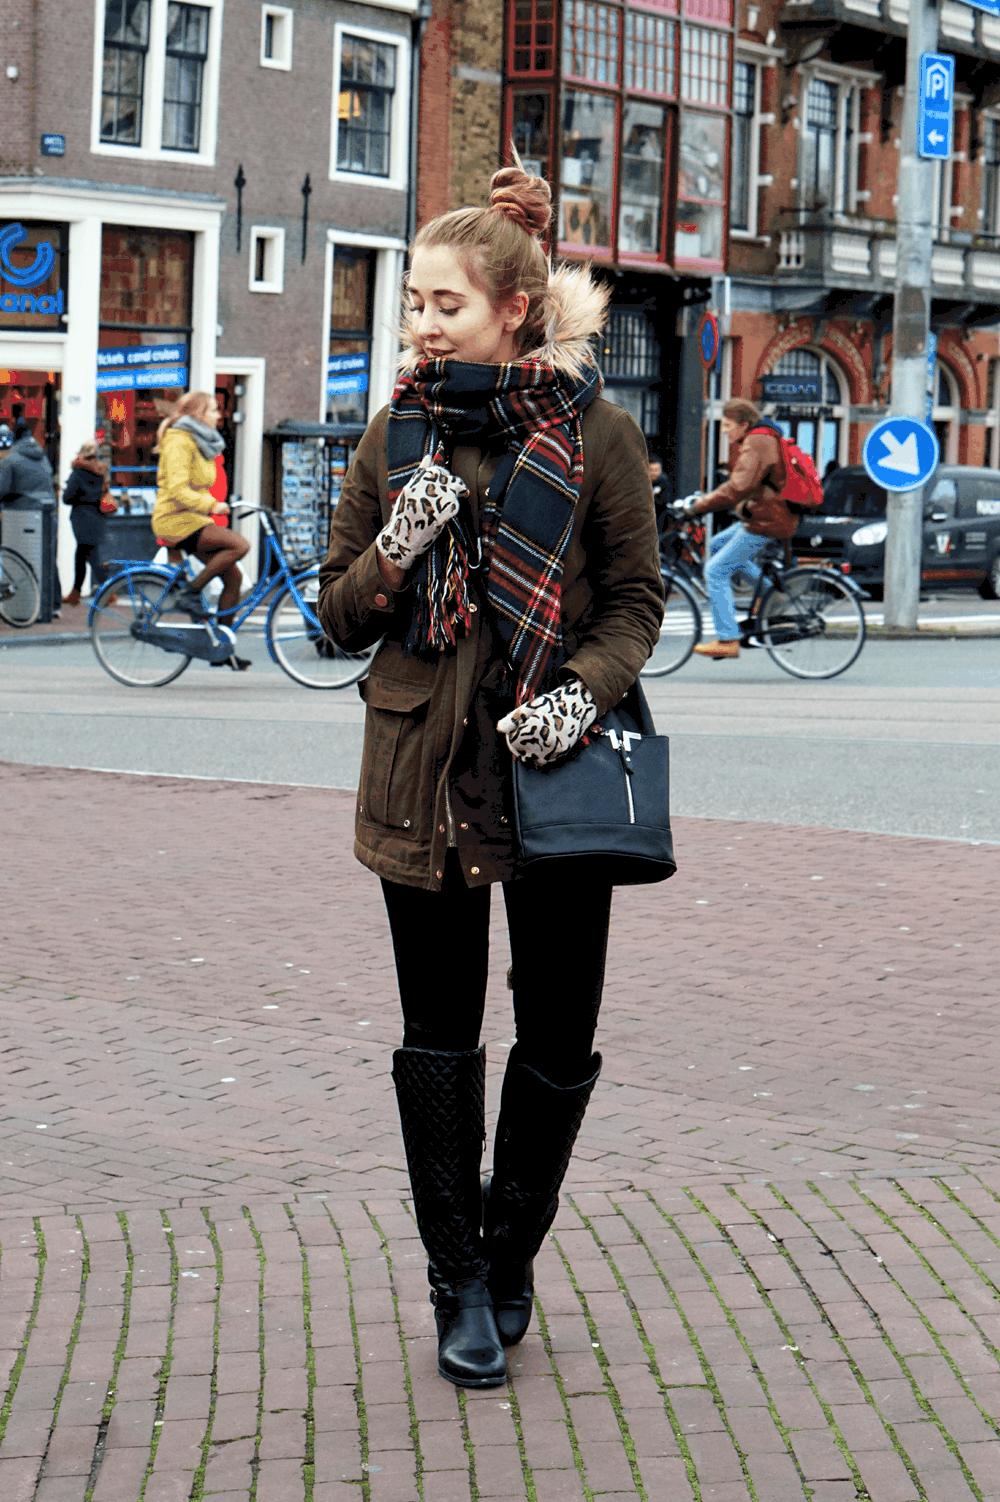 Zestaw z ciepłą, zieloną parką – zdjęcia z Amsterdamu